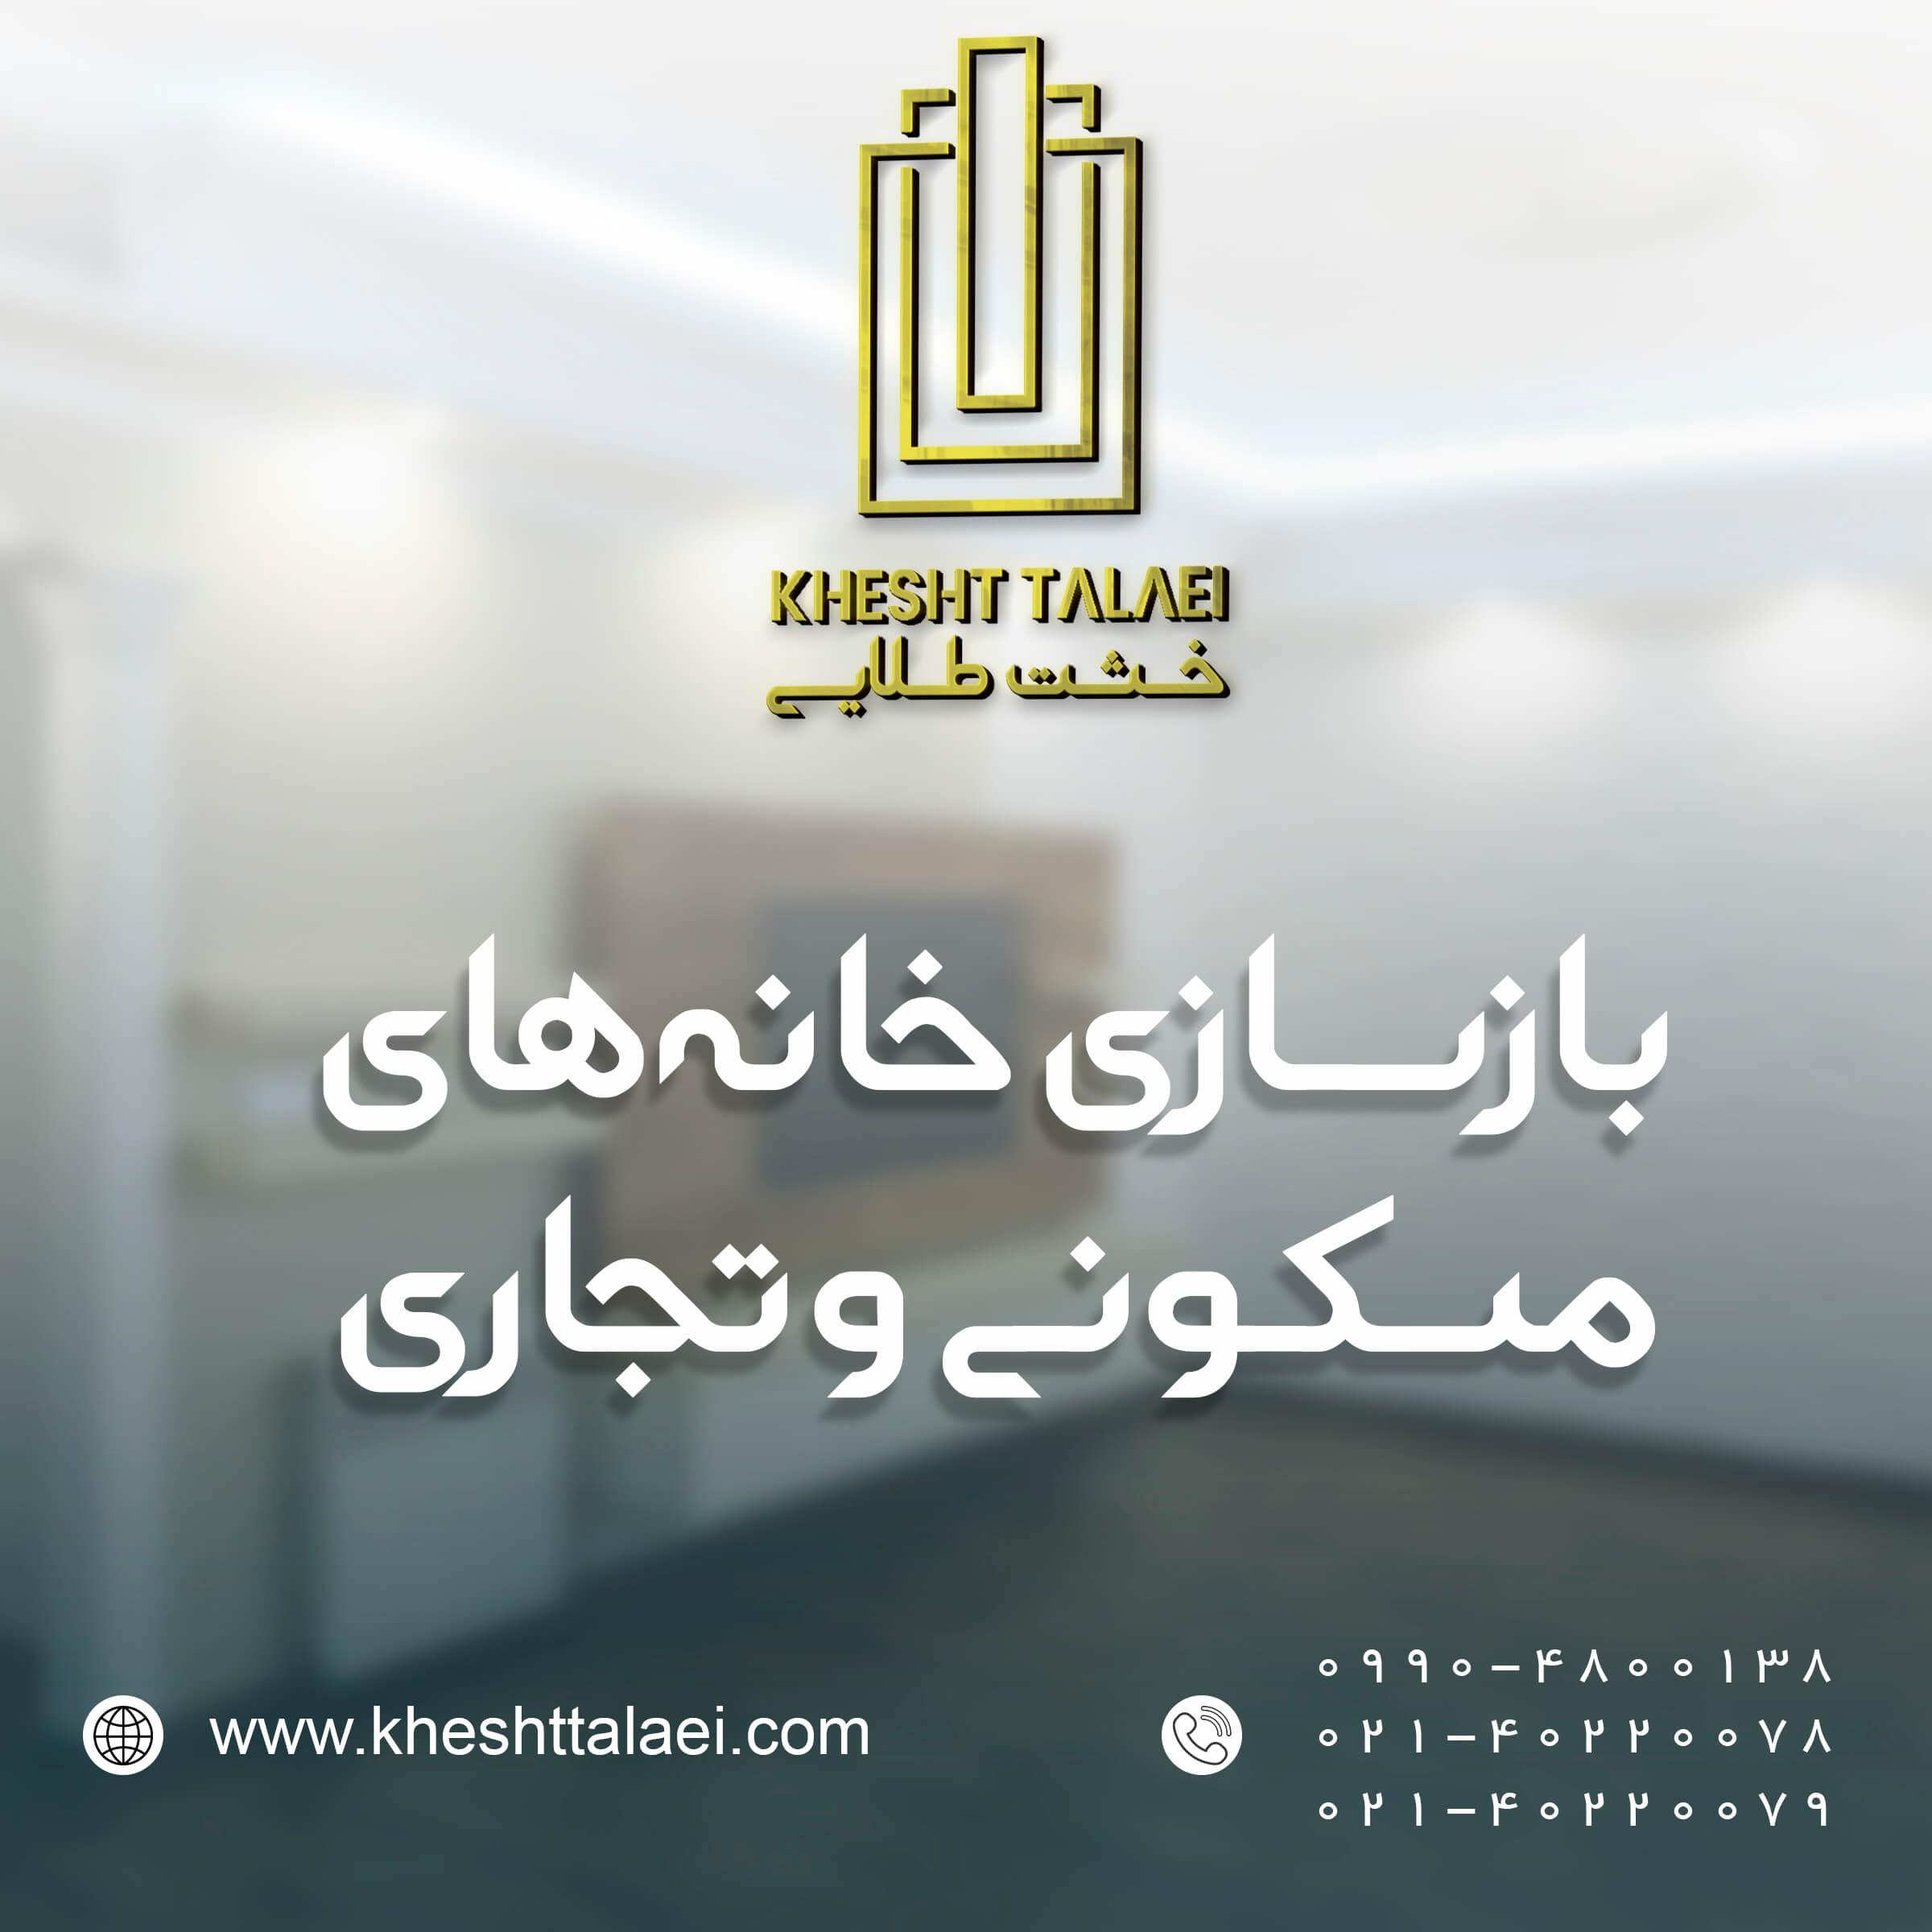 بازسازی خانه های مسکونی